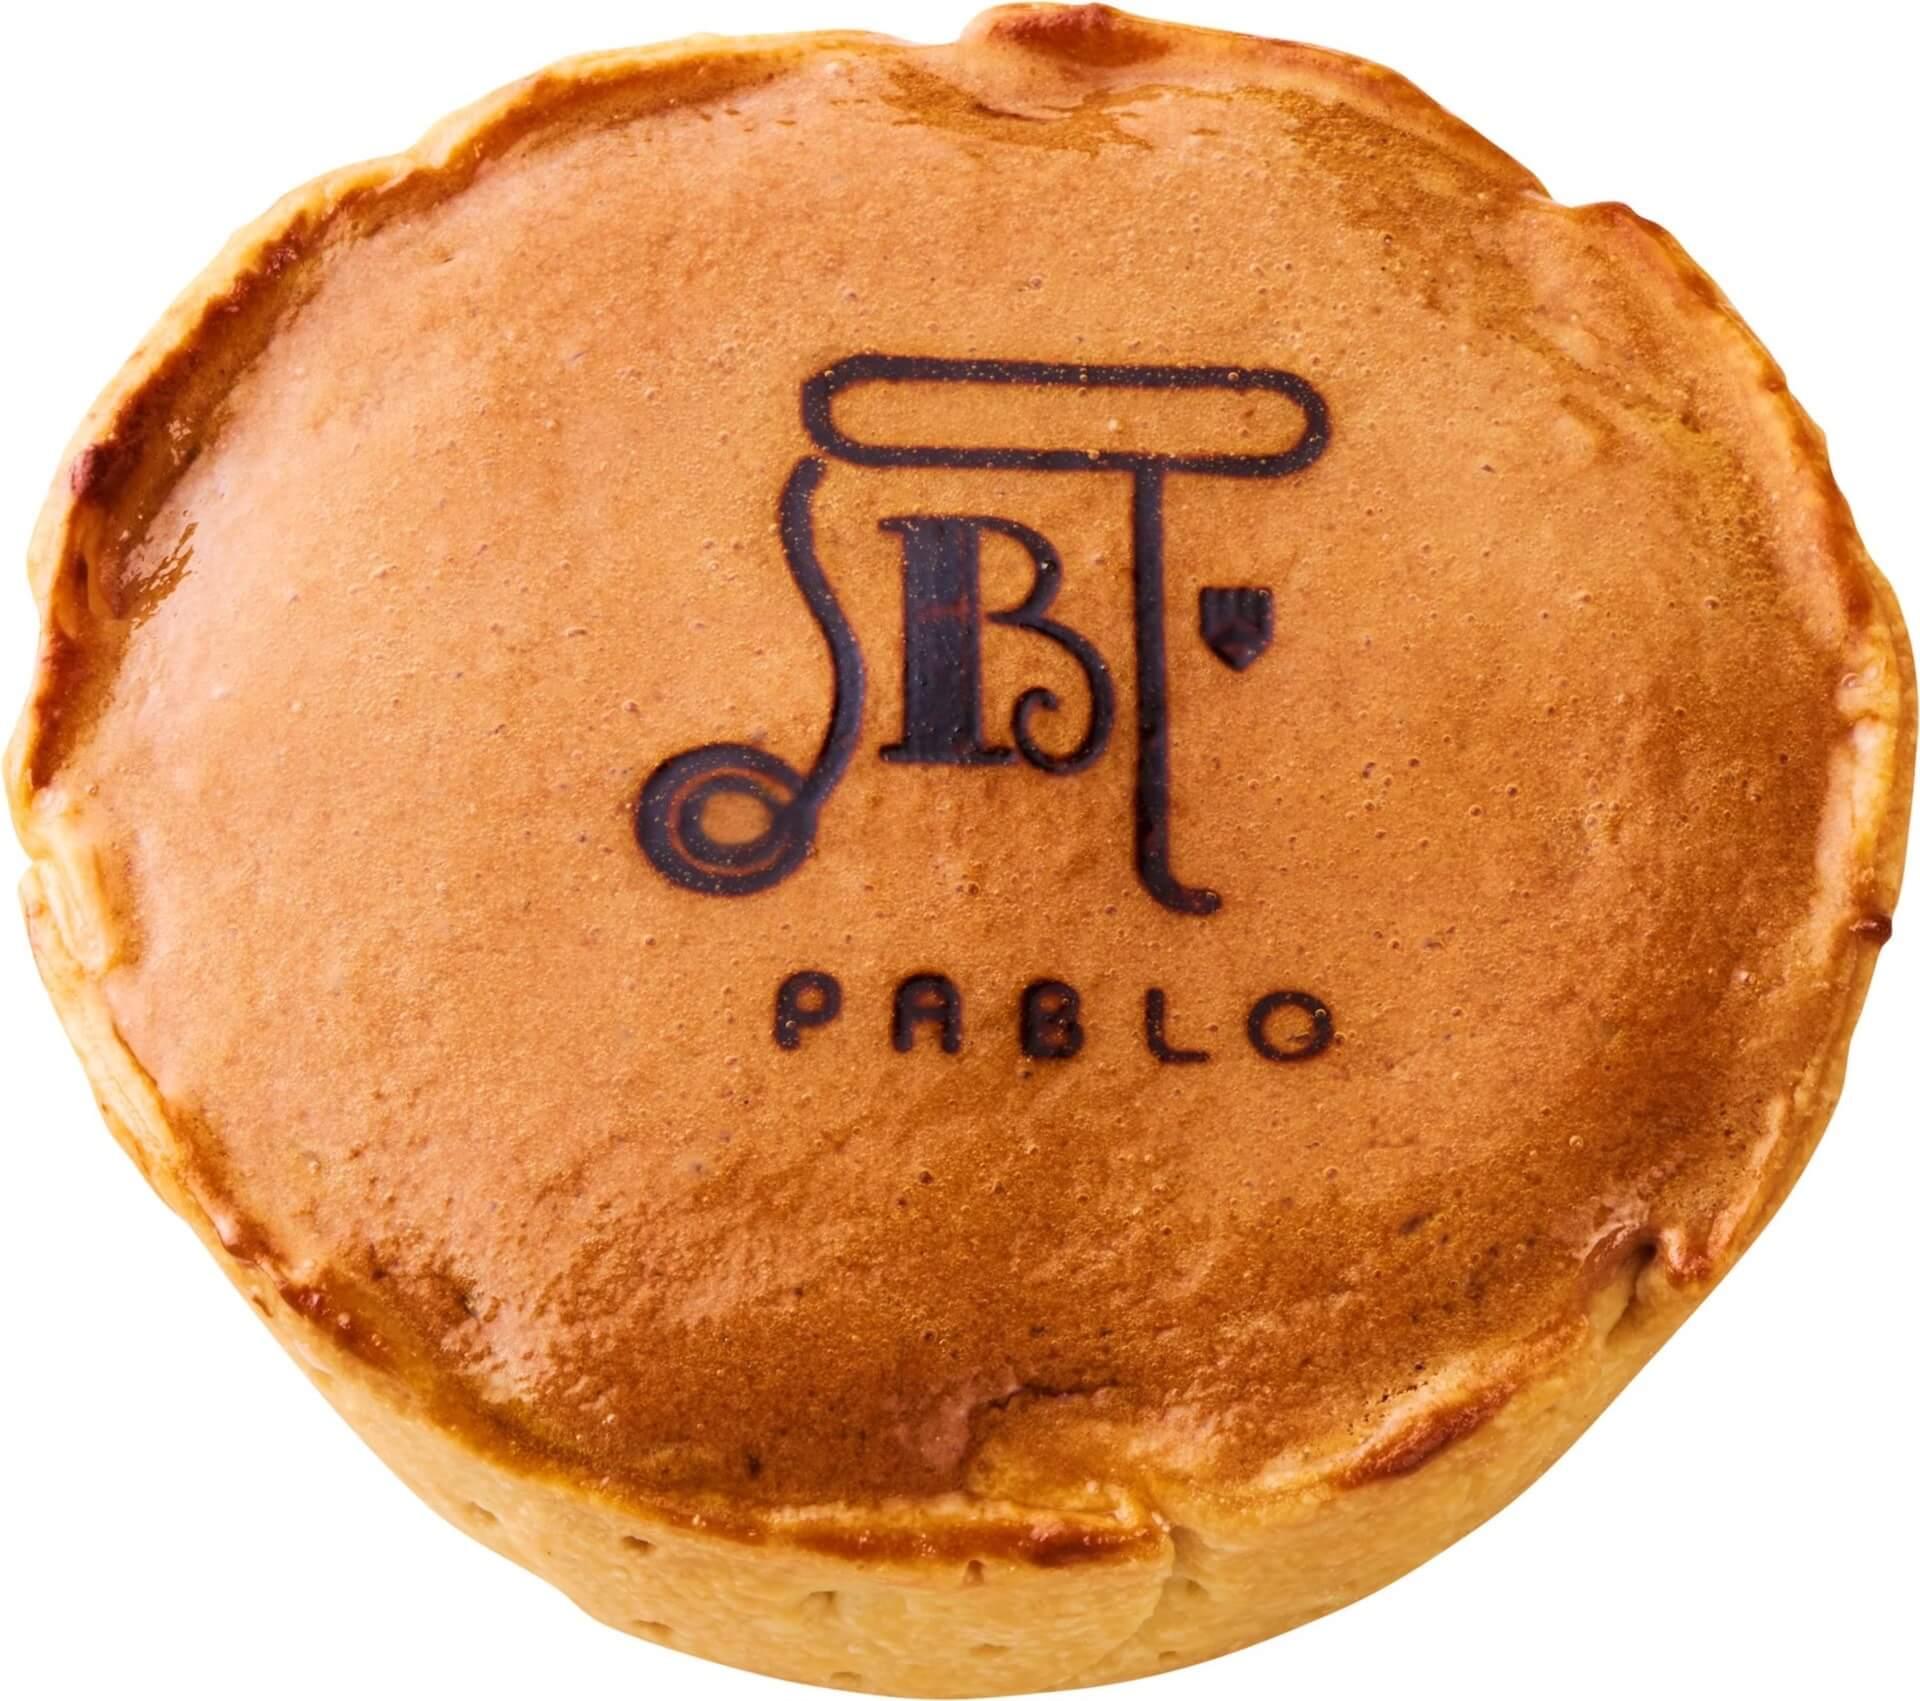 ワンコインで楽しめる新作チーズタルトがPABLOから登場!『白桃とヨーグルト』&『チョコレート』が小さなサイズに gourmet200420_pablo_02